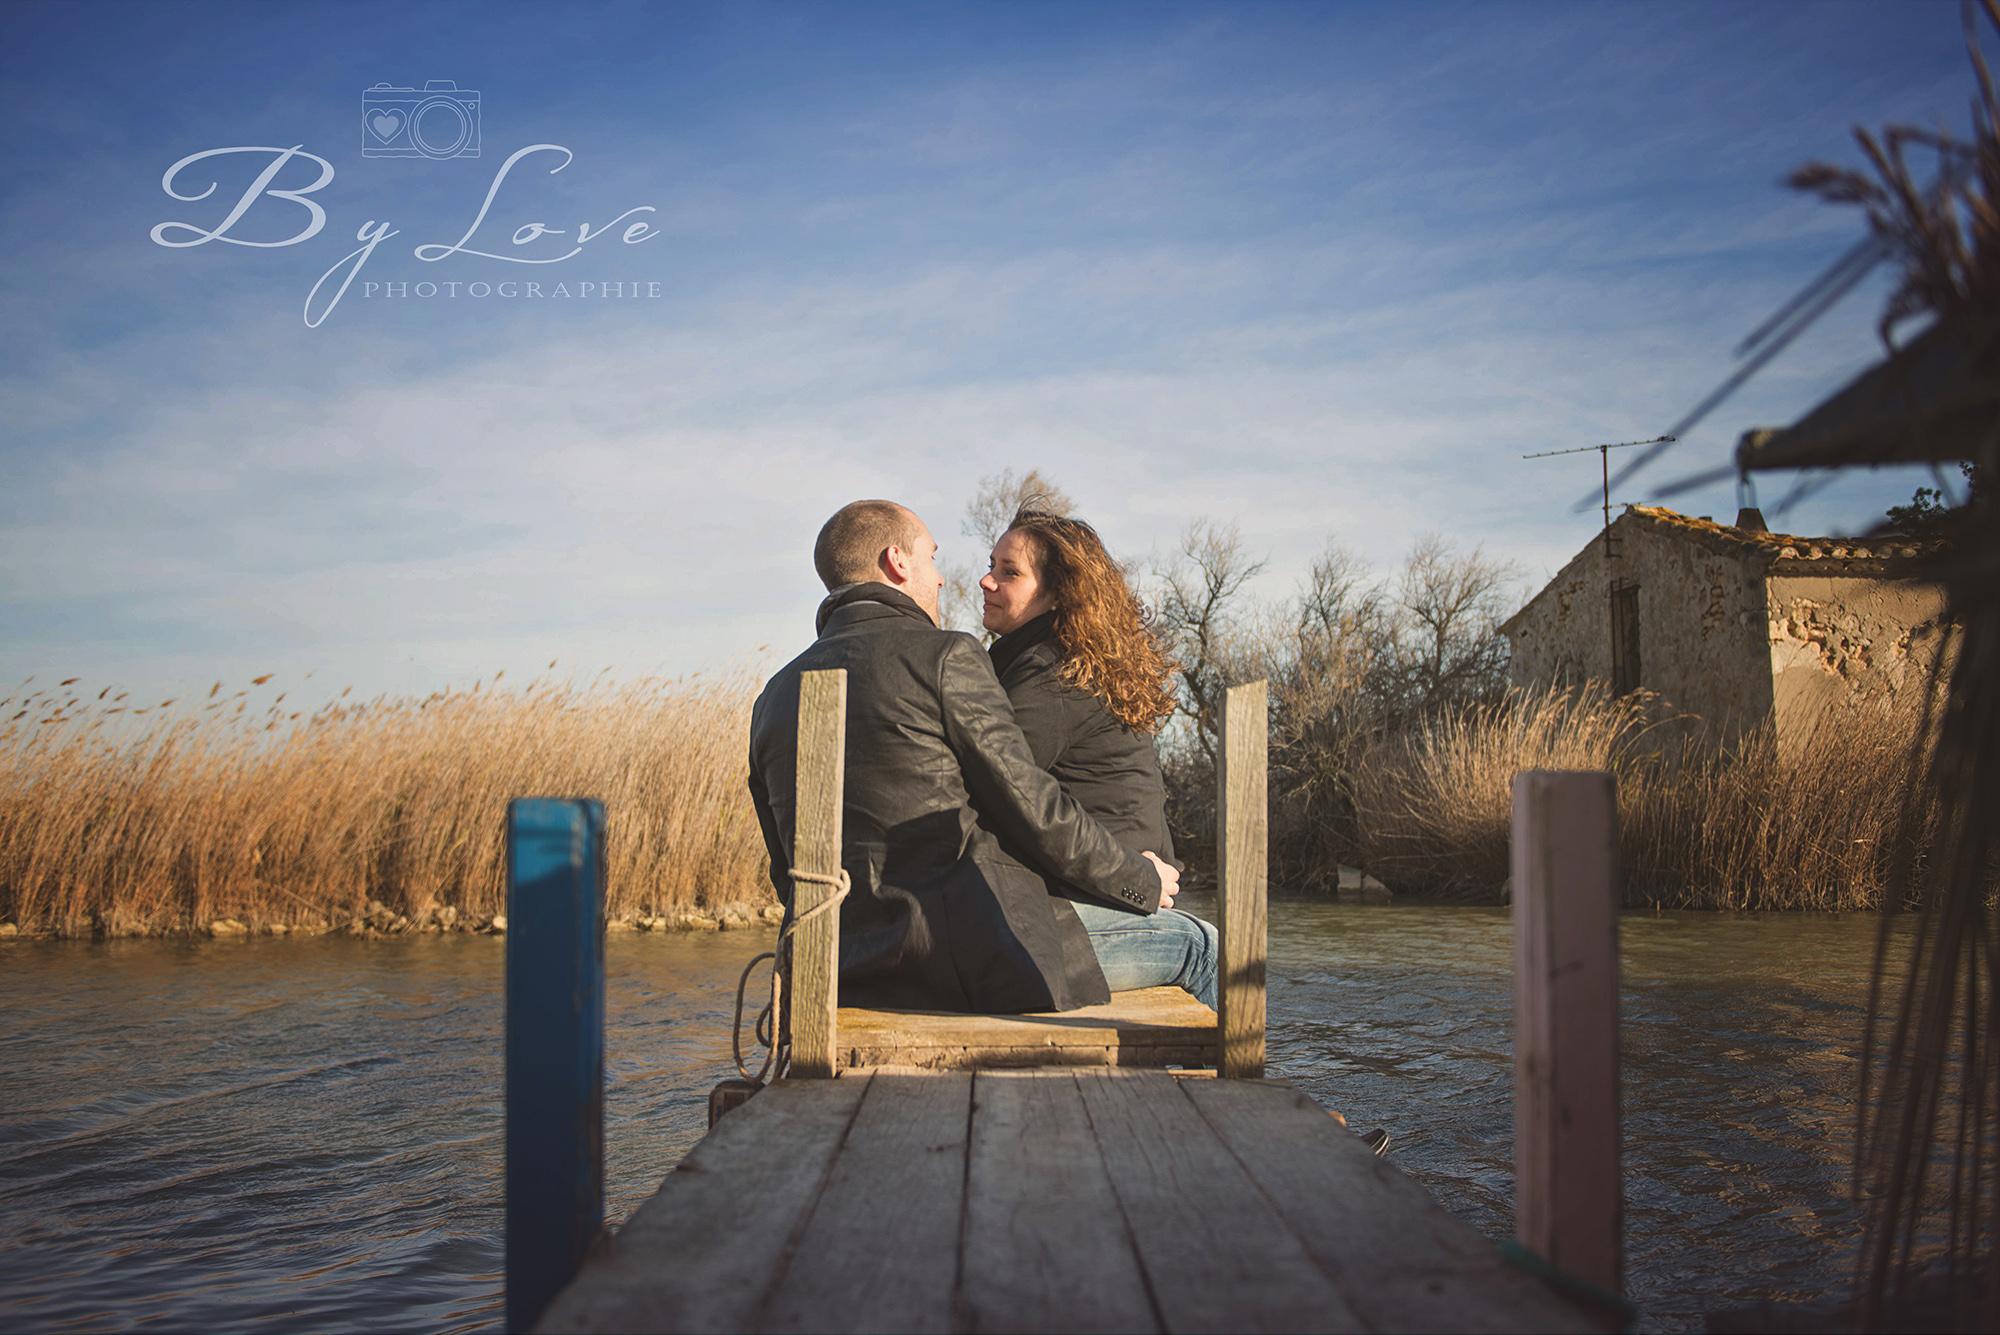 photographe-professionnel-pas-cher-mariage-orléans